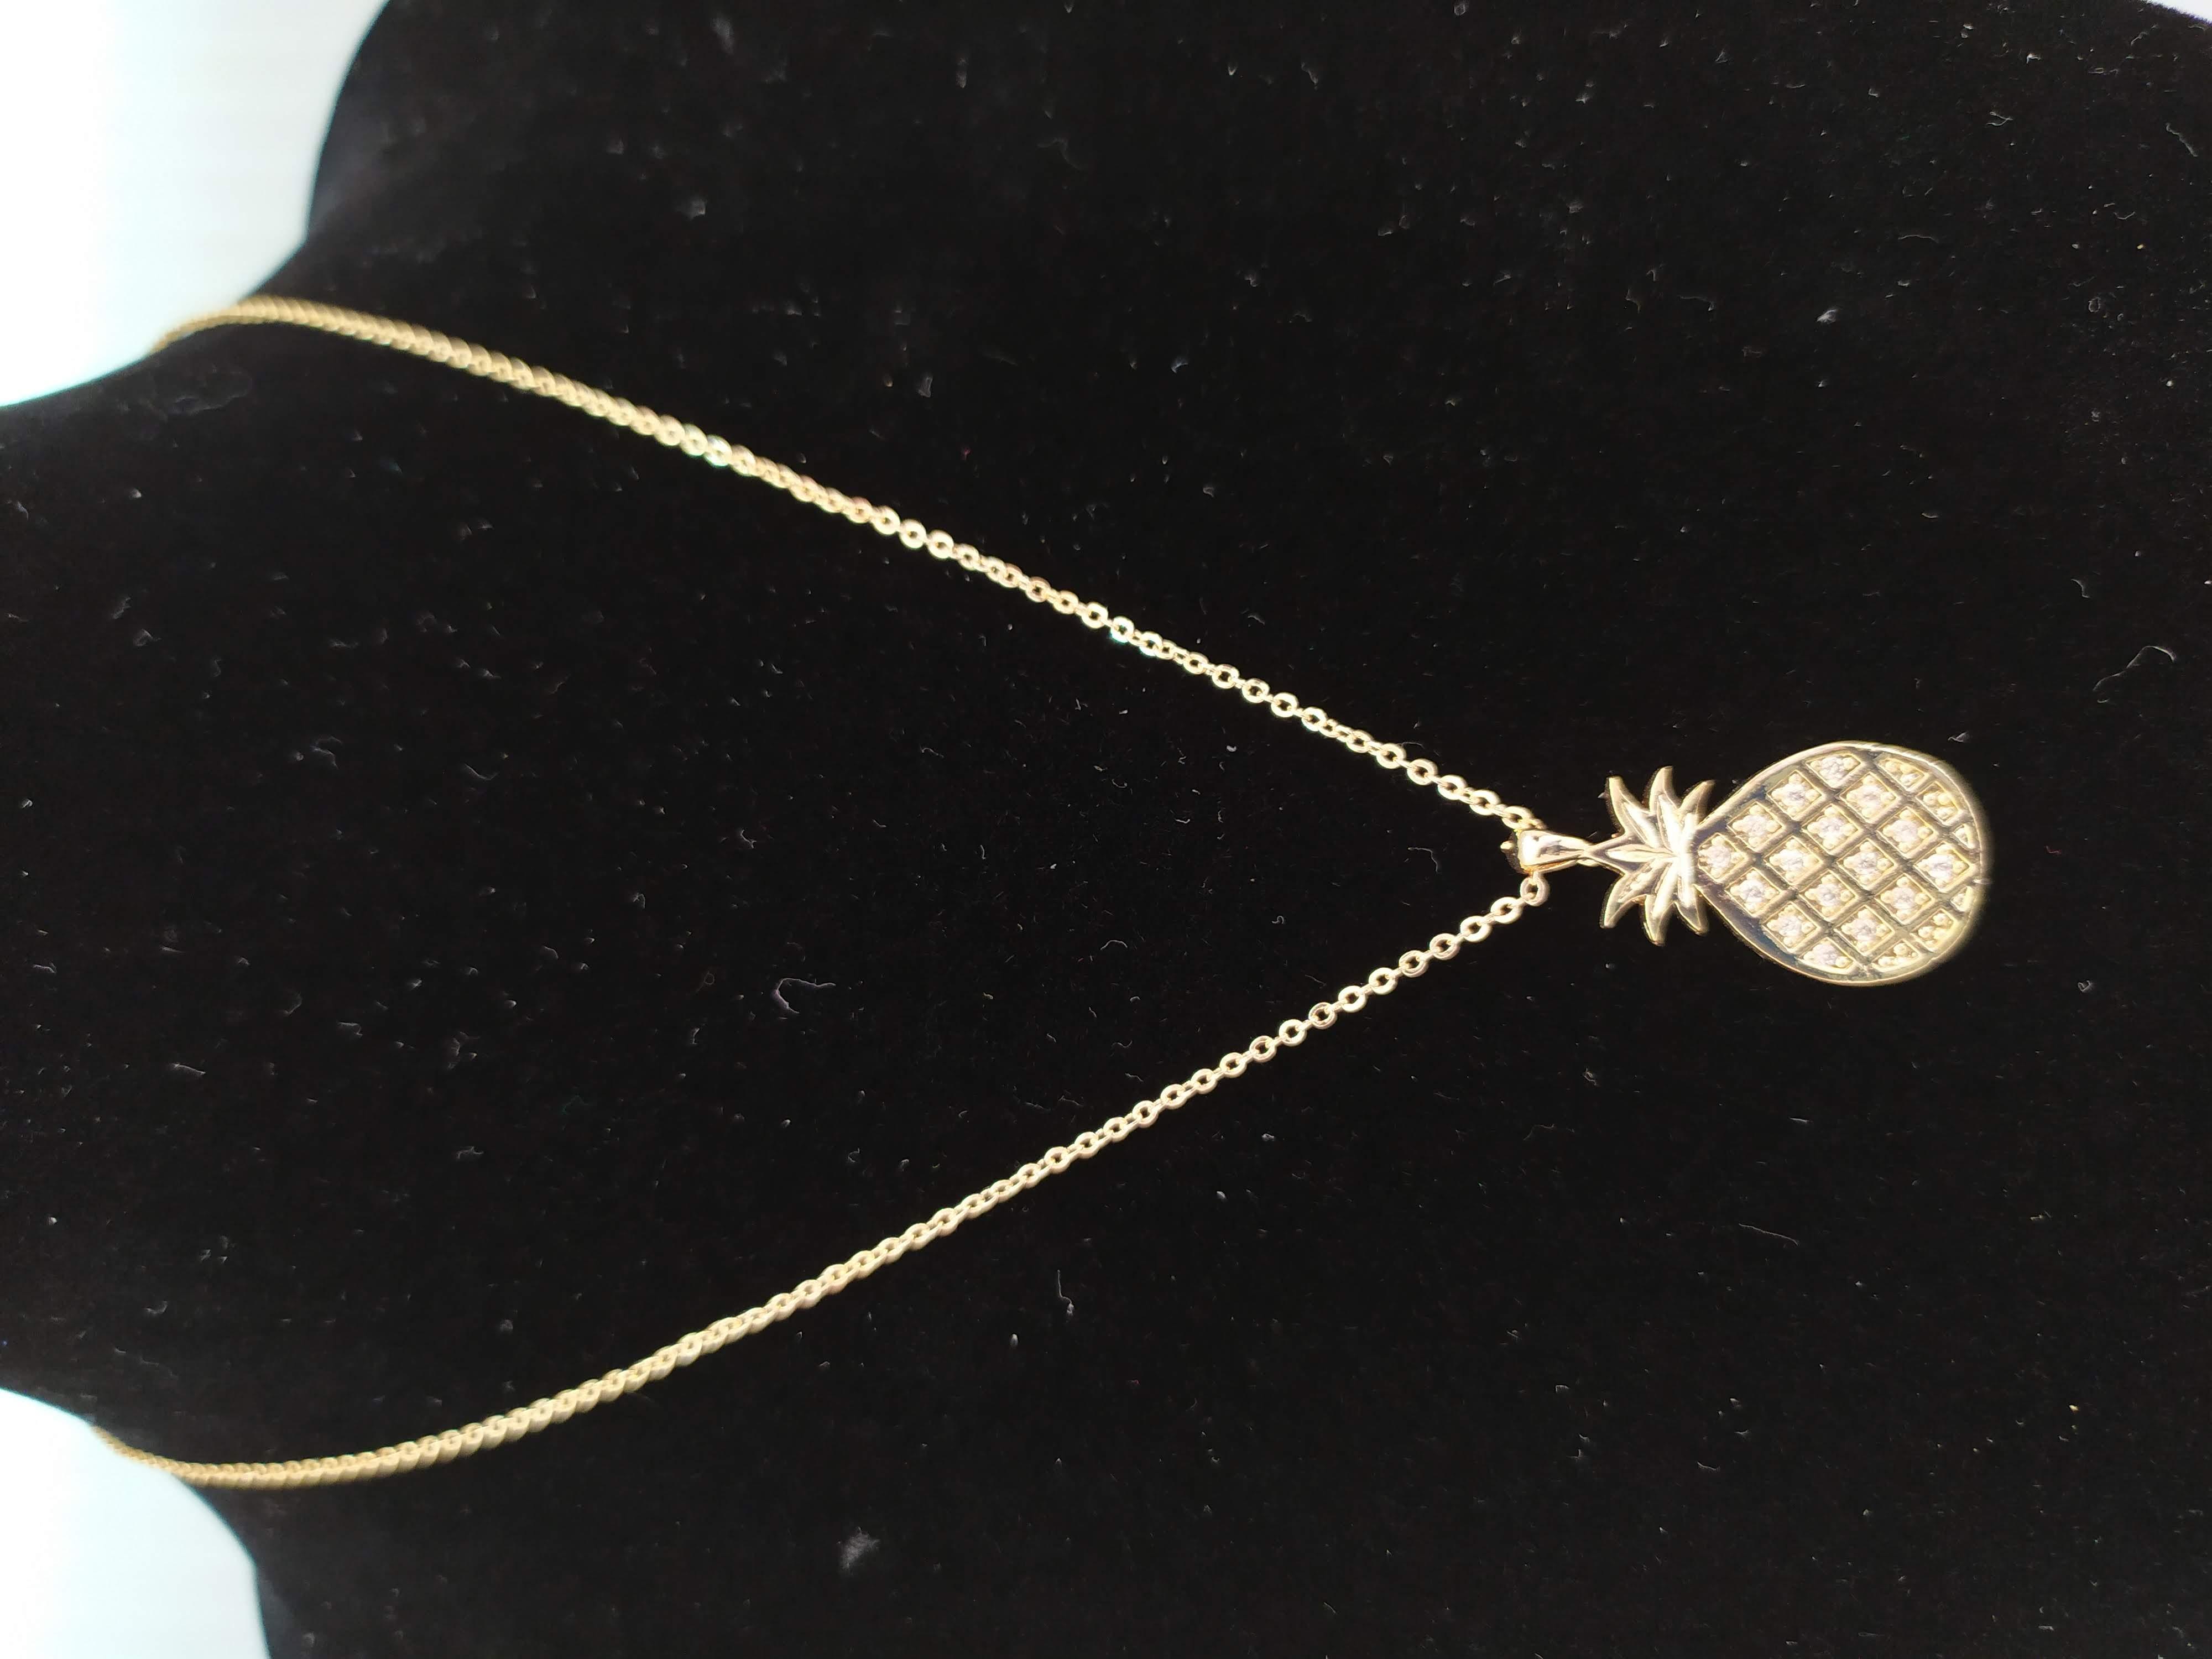 قلادة مطلية بالذهب مع الزركون الممتاز. لا يسبب الحساسية ، لا تغميق / Gold plated necklace with premium zircon. does not cause allergies, does not darken_15